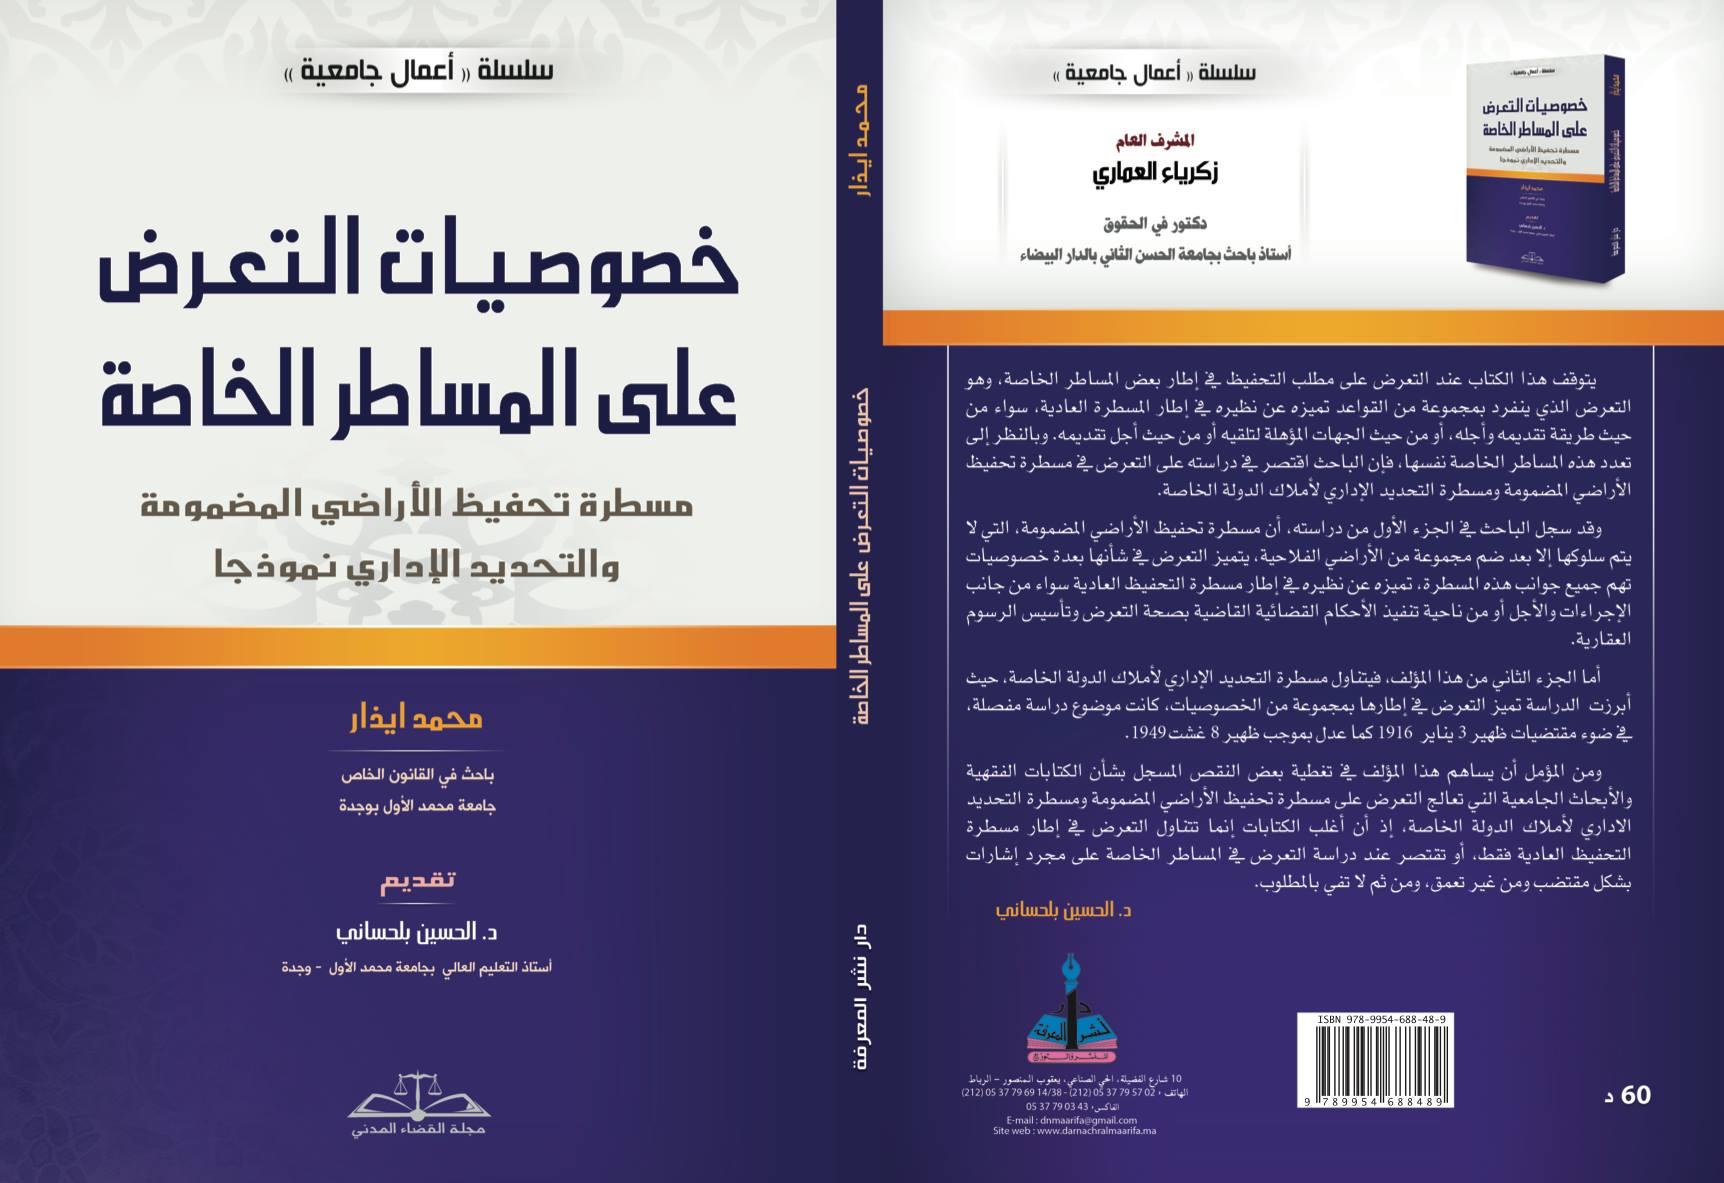 خصوصية التعرض على المساطر الخاصة: مسطرة تحفيظ الأراضي المضمومة والتحديد الإداري نموذجا- محمد إيذار